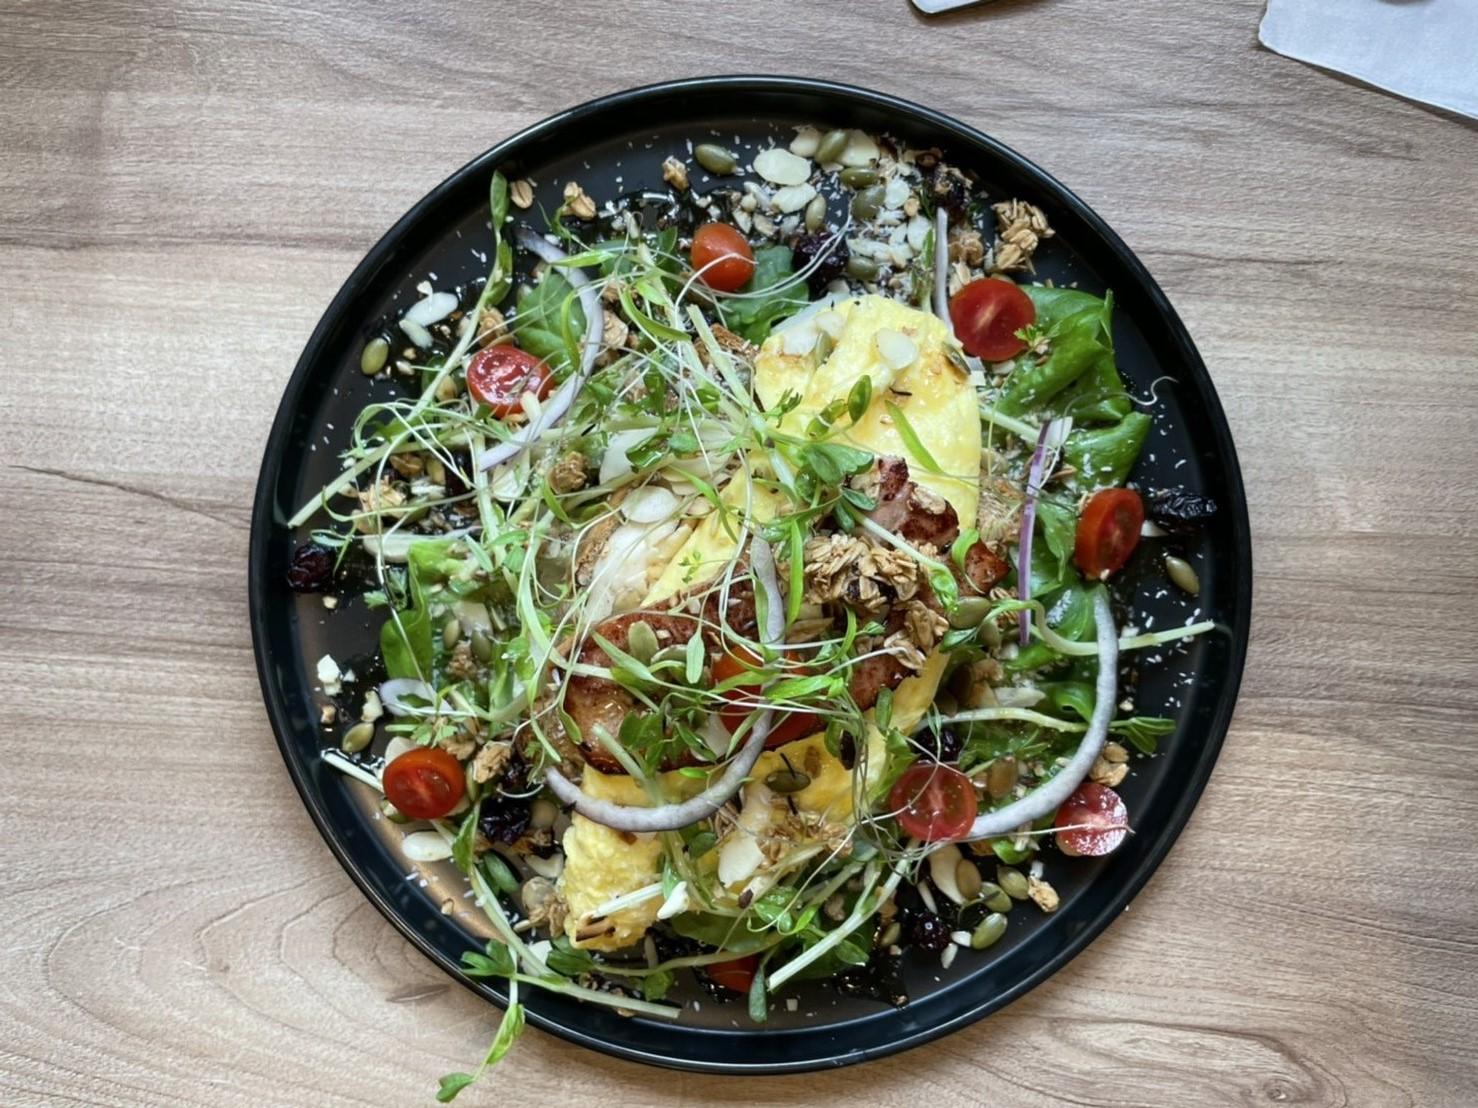 豐原餐廳-晨間食光 Le matin-大口吃生菜